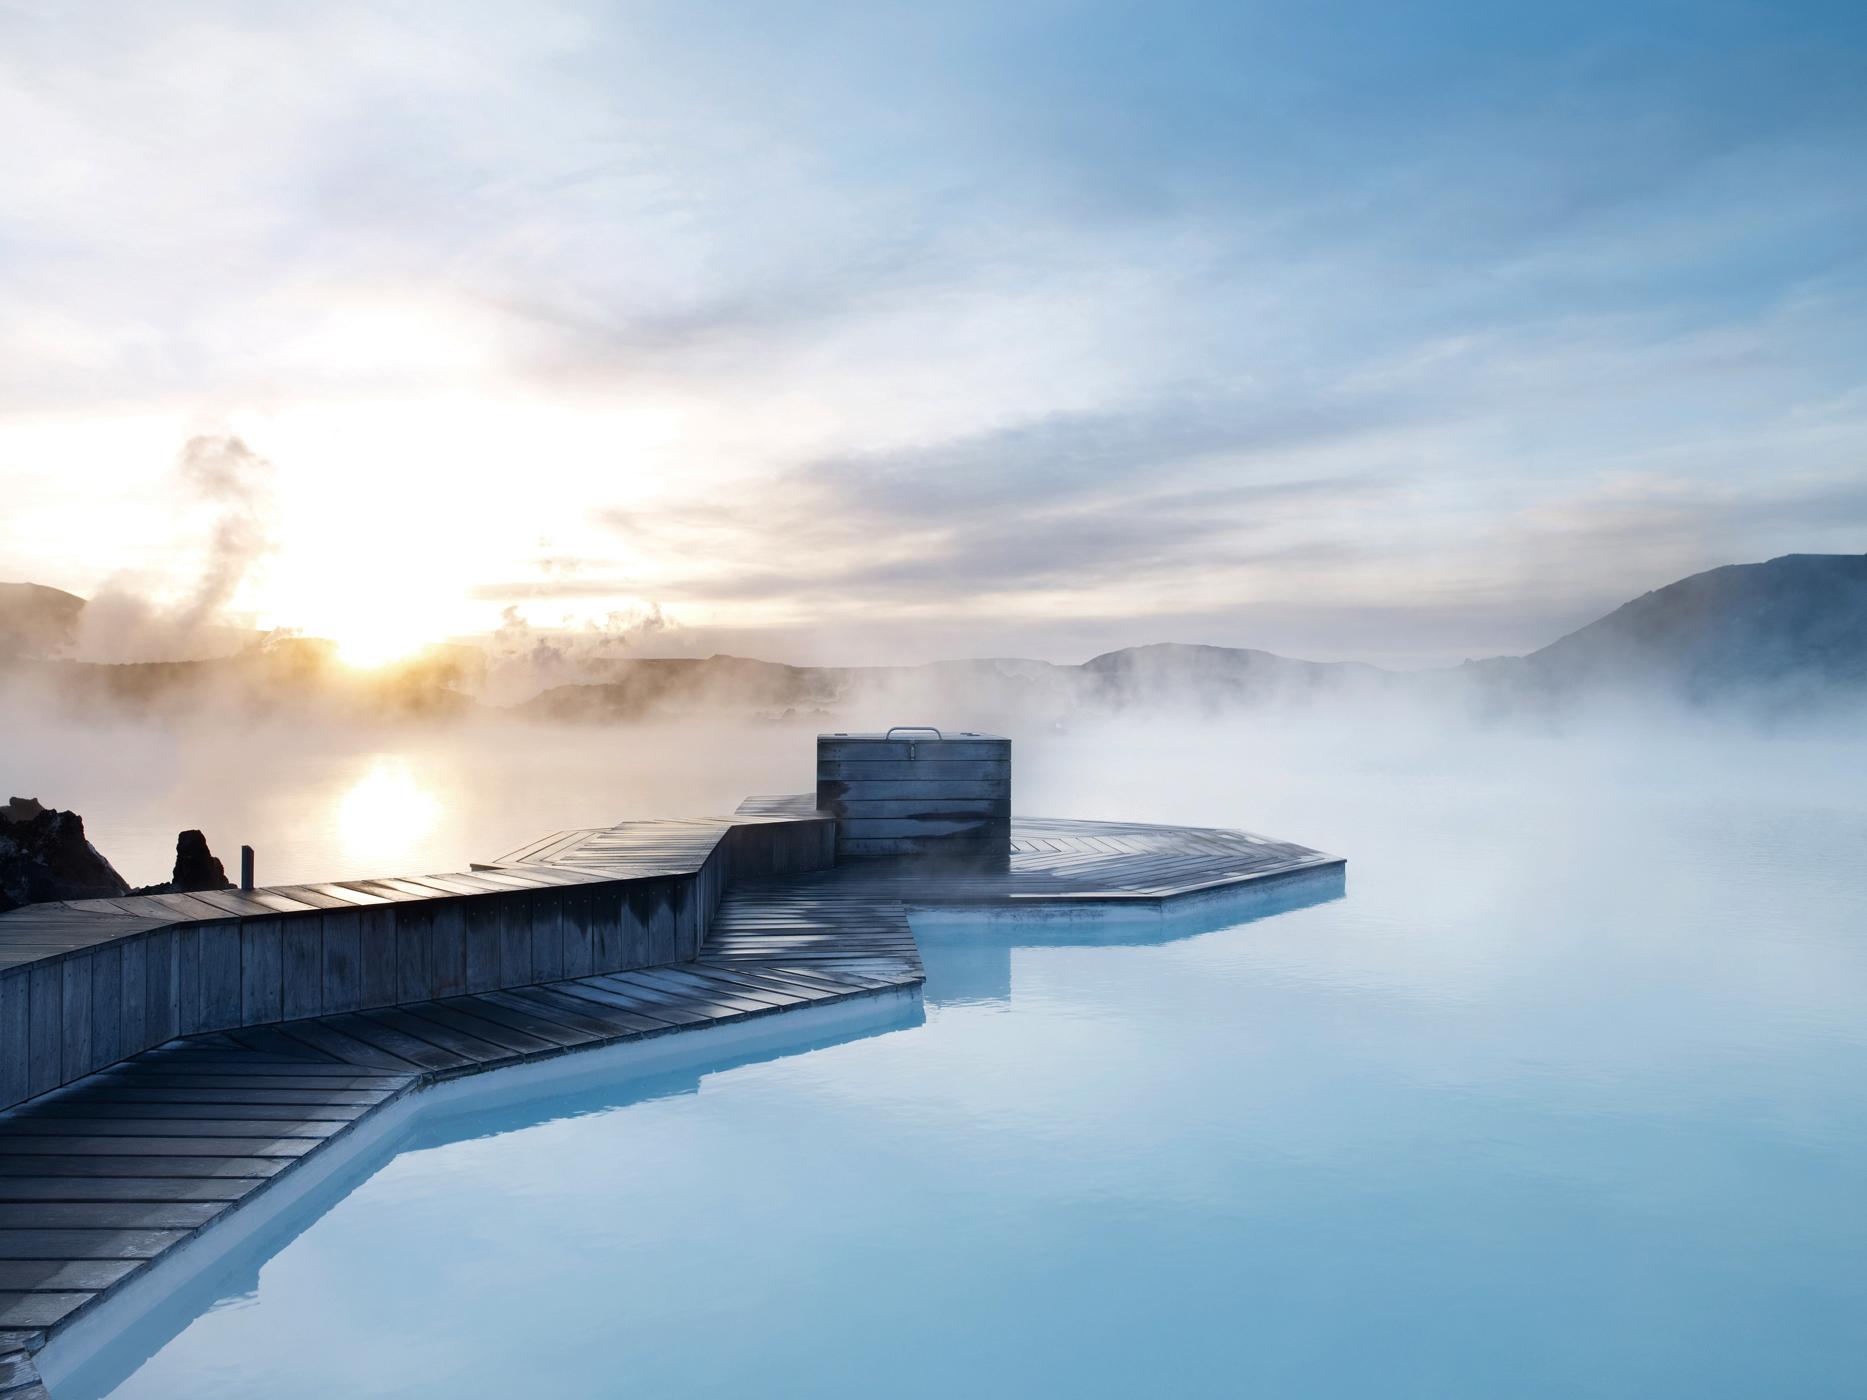 Ånga stiger upp ur det azurblå vattnet i Islands mest populära pool och spa, Blå lagunen.